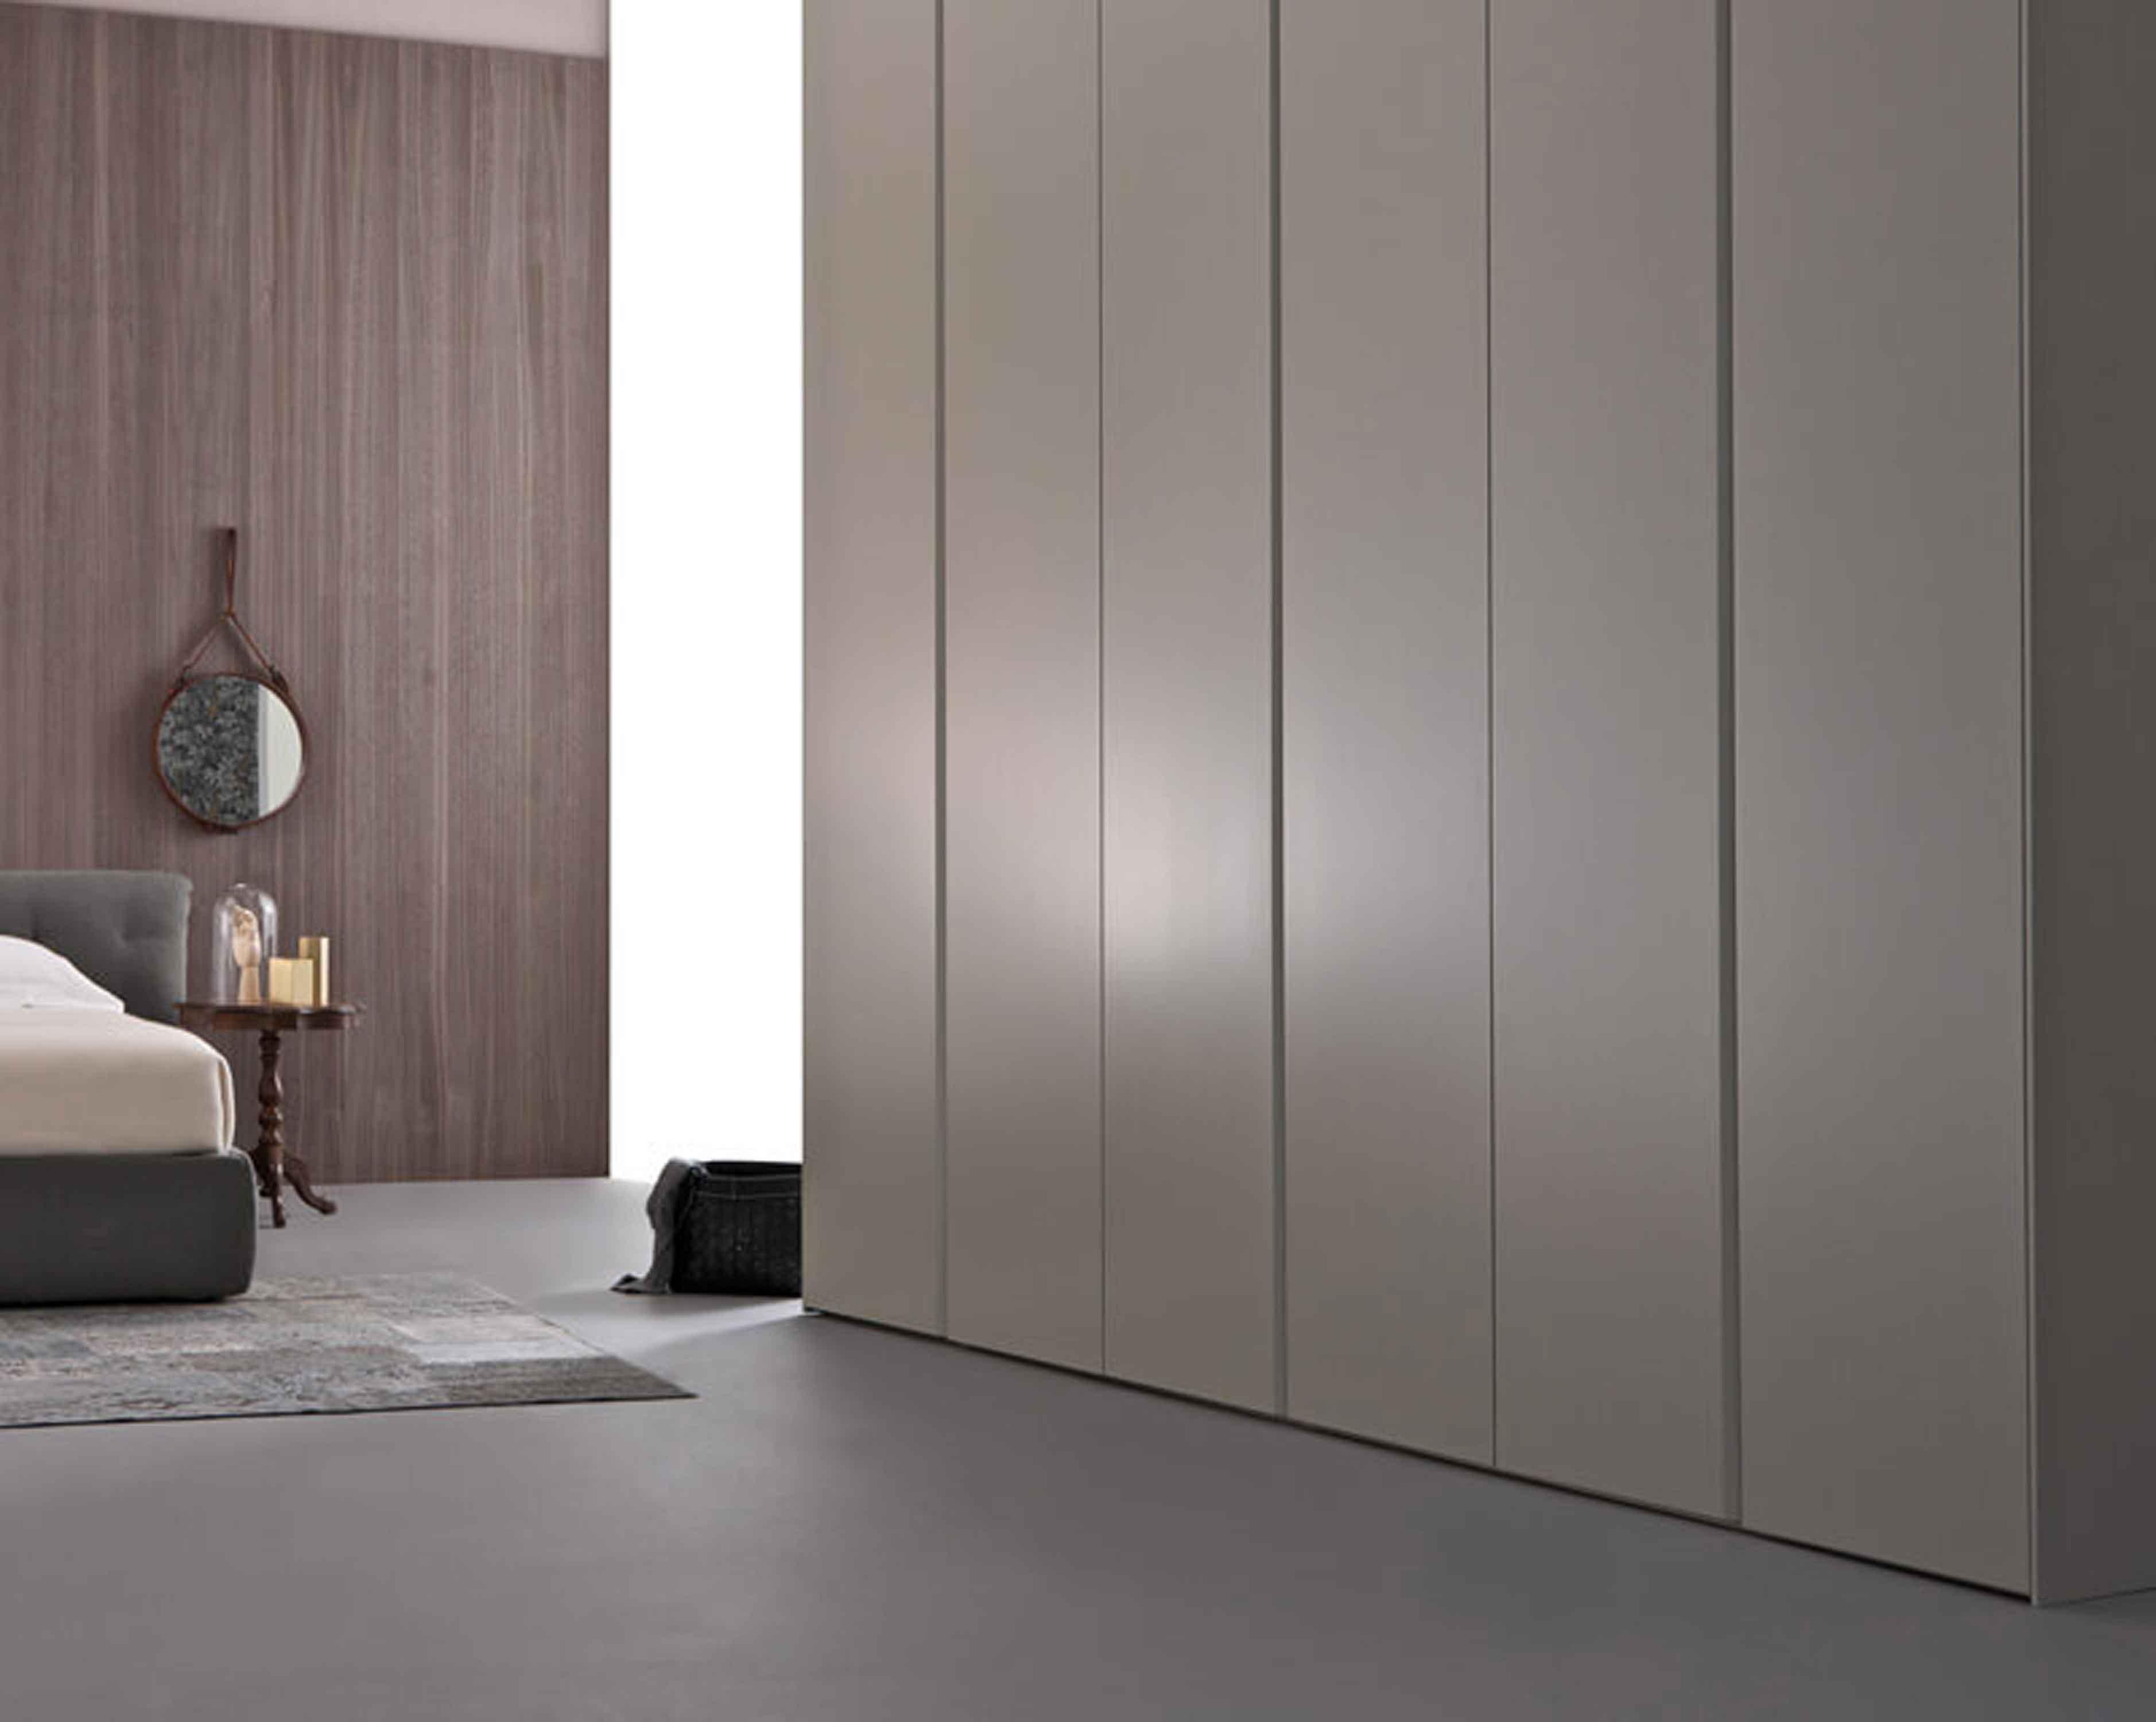 04s_Estel_wardrobe-walk-incloset_ARMADIO-BIANCO